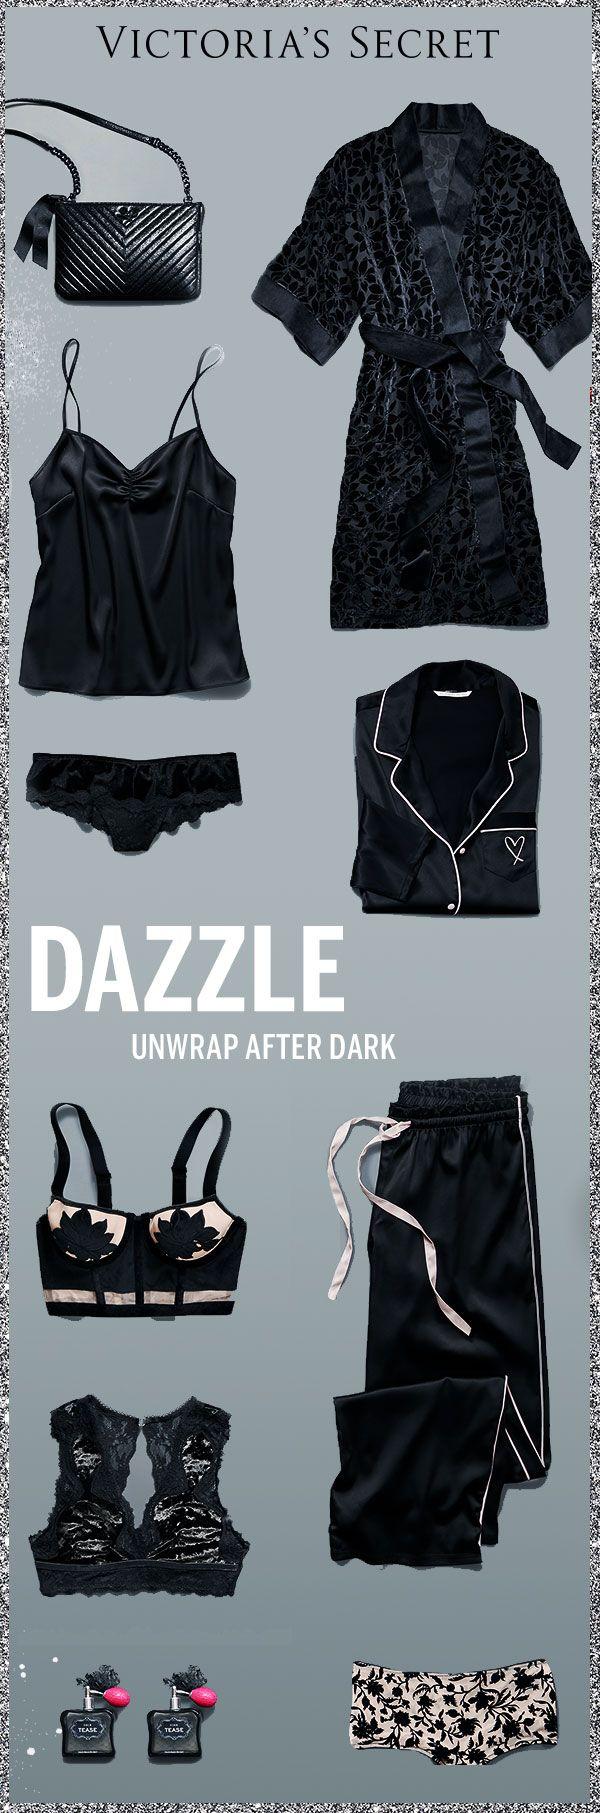 Prepare to be dazzling in #velvet & satin.   Victoria's Secret